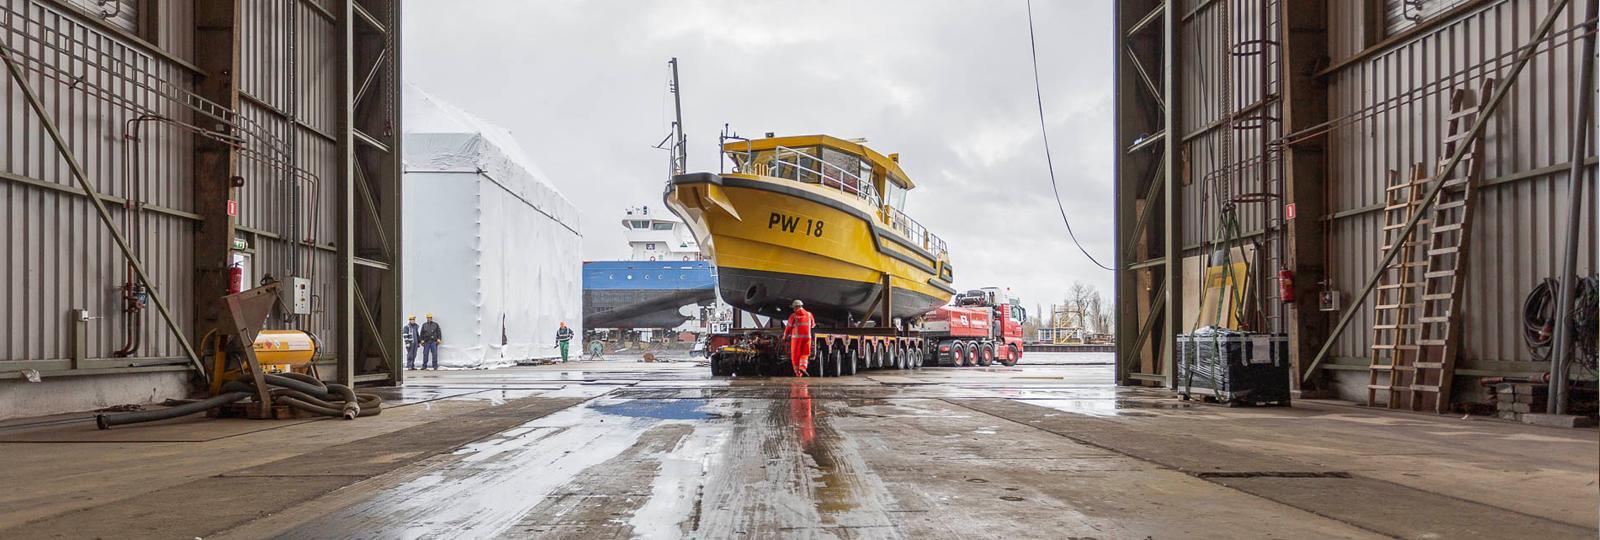 Niestern Sander - Inspectievaartuig Groningen- PW18